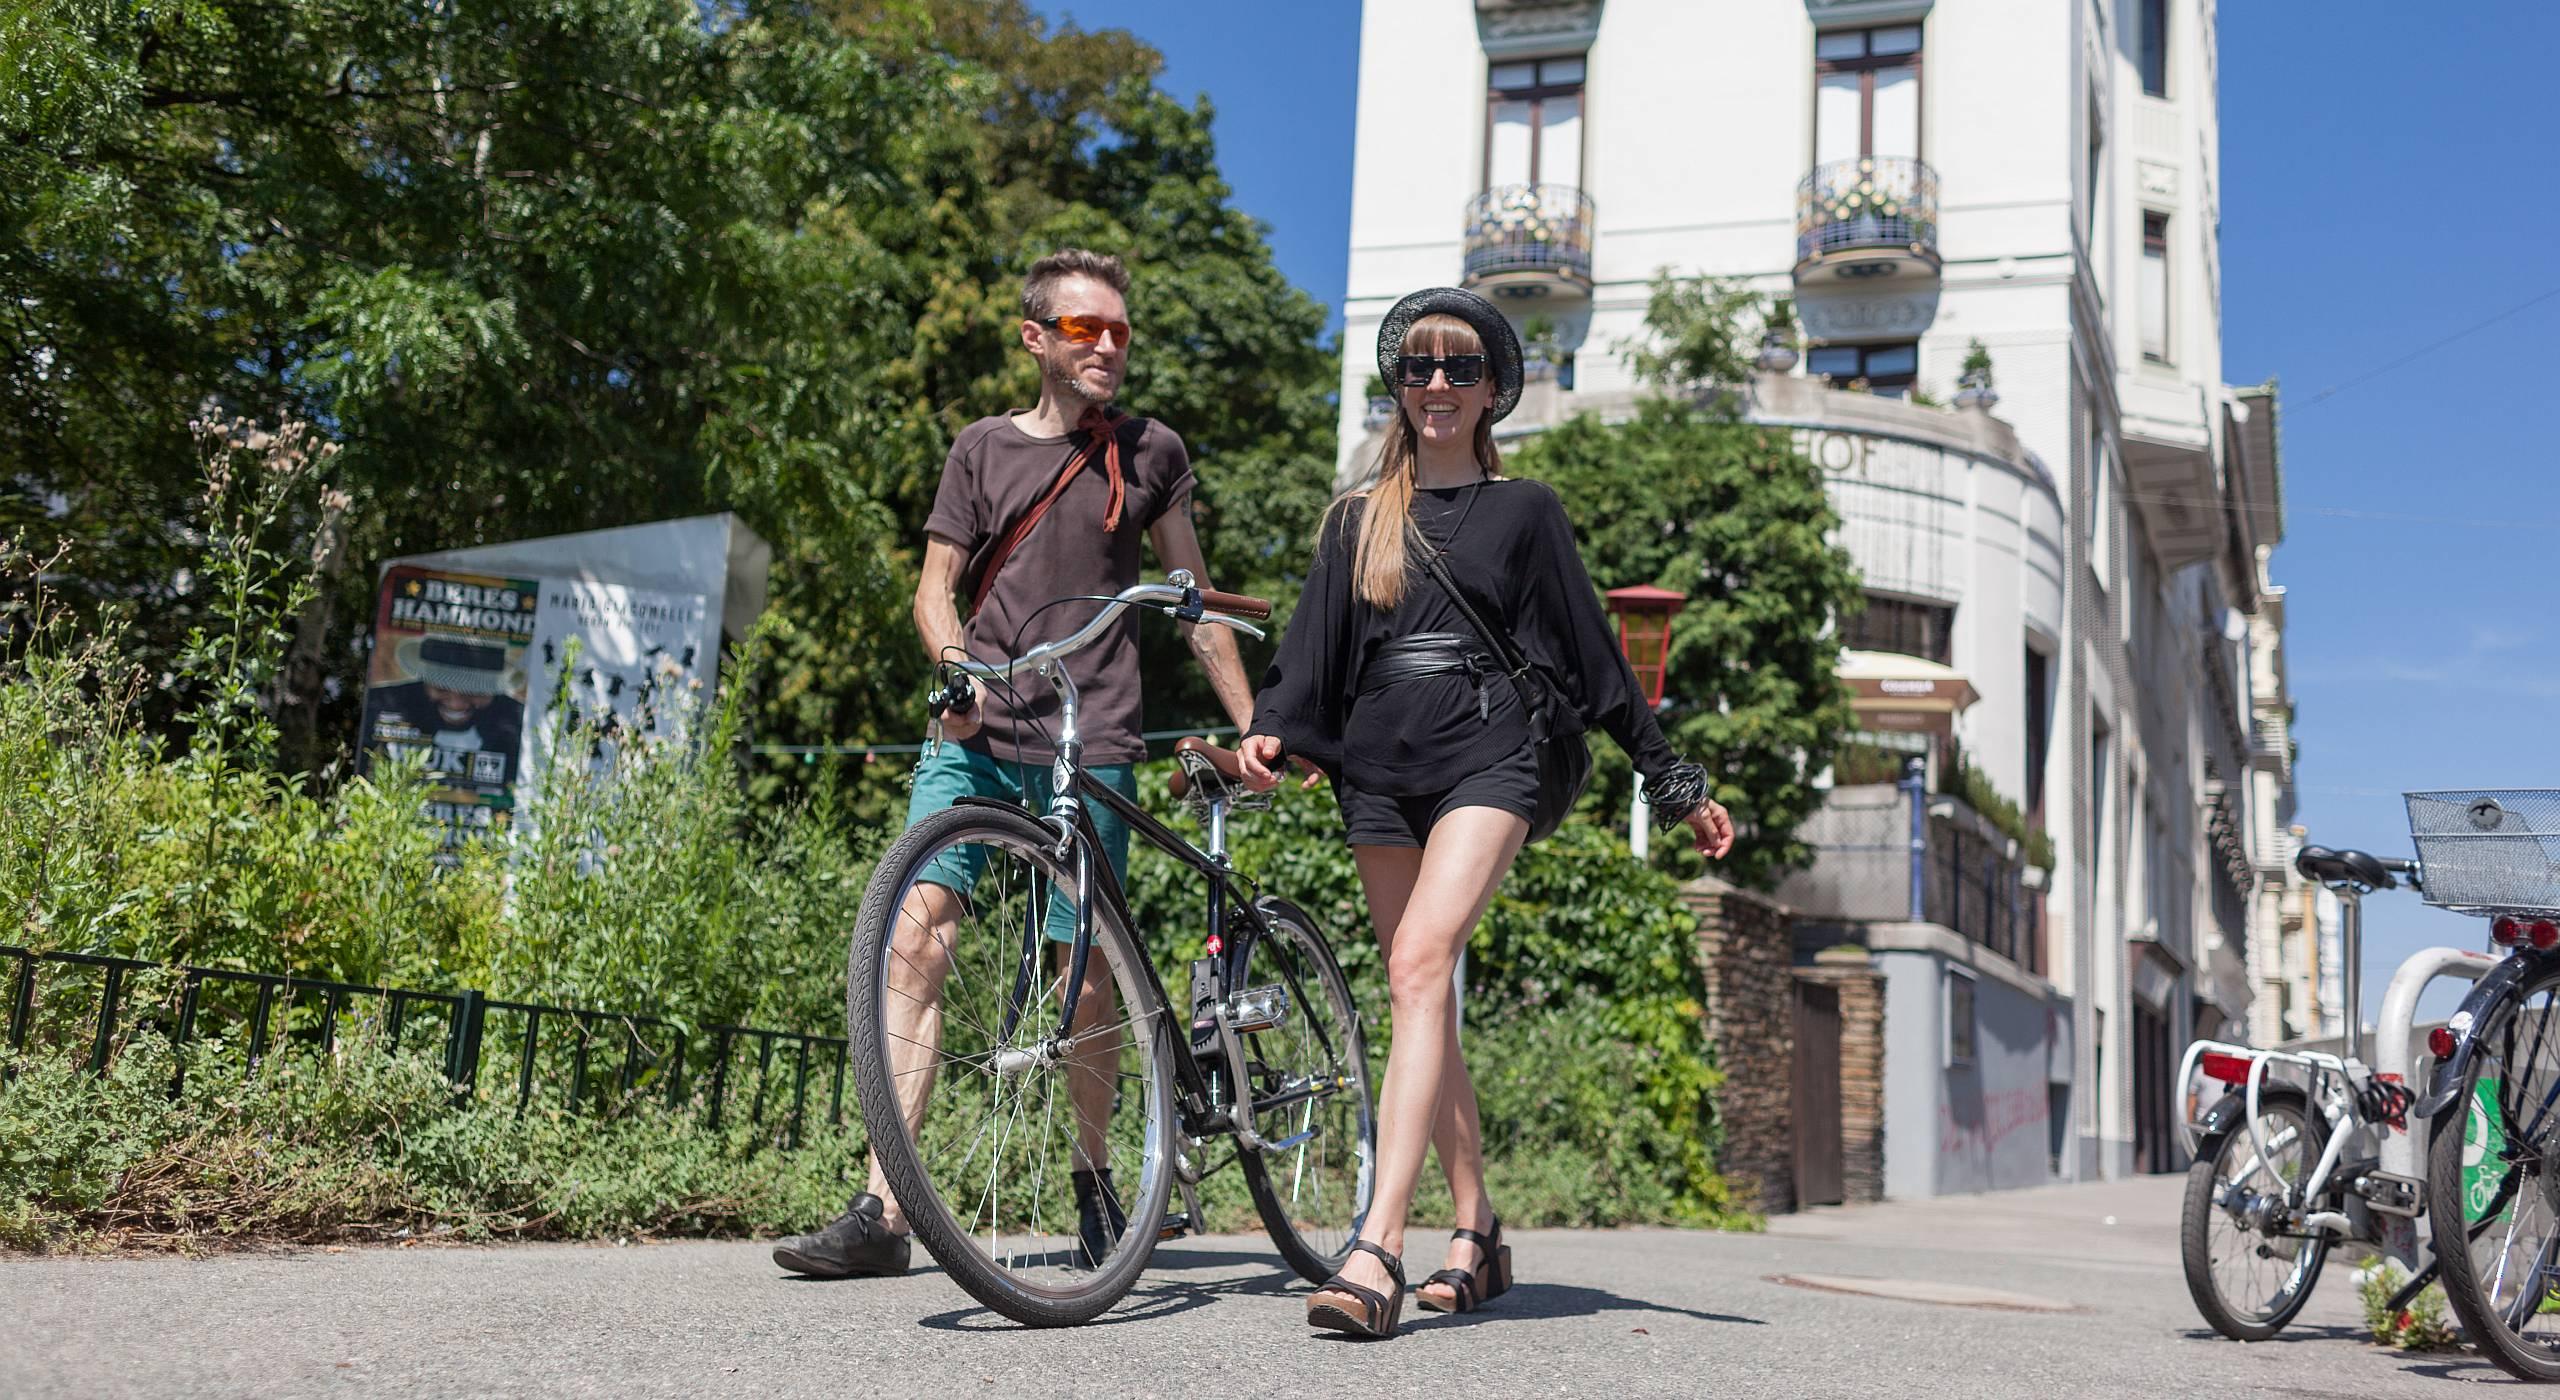 Ein junges Paar mit Fahrrad geht an einem sonnigen Tag in Wien spazieren. Foto von Stephan Doleschal